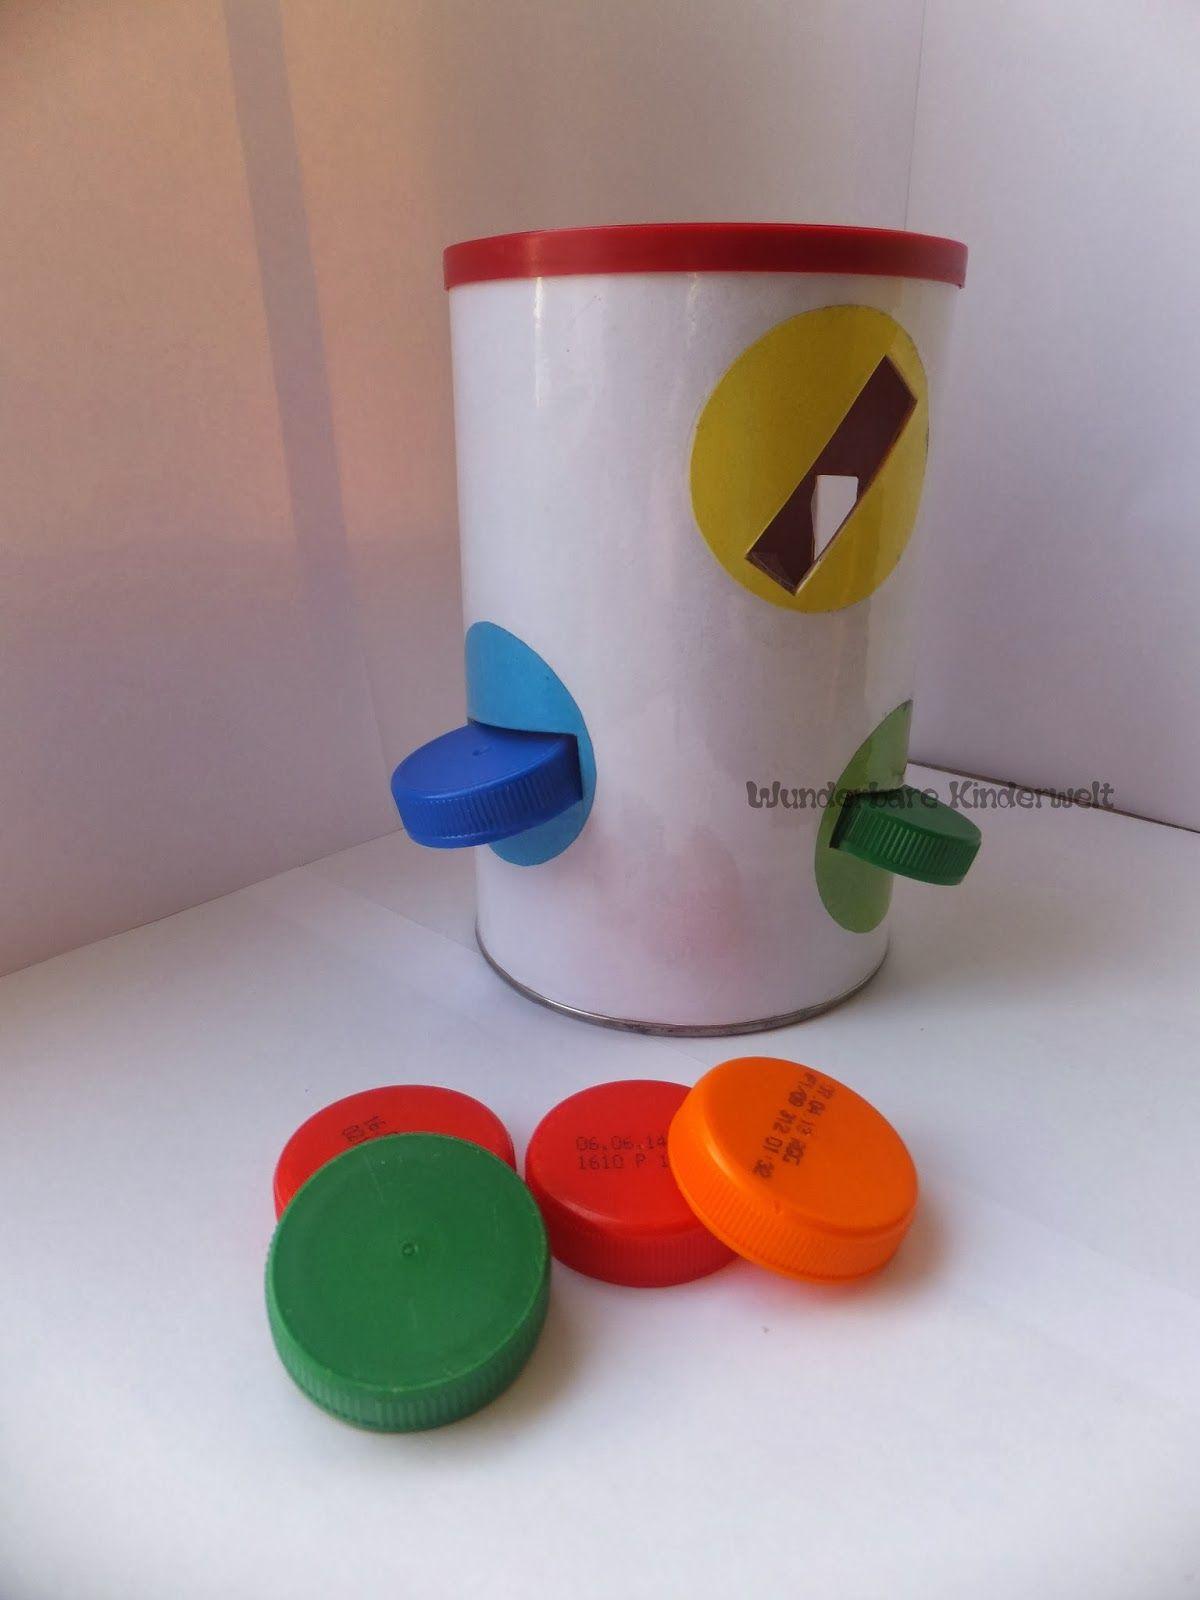 Wunderbare kinderwelt selbstgemachtes spielzeug zur